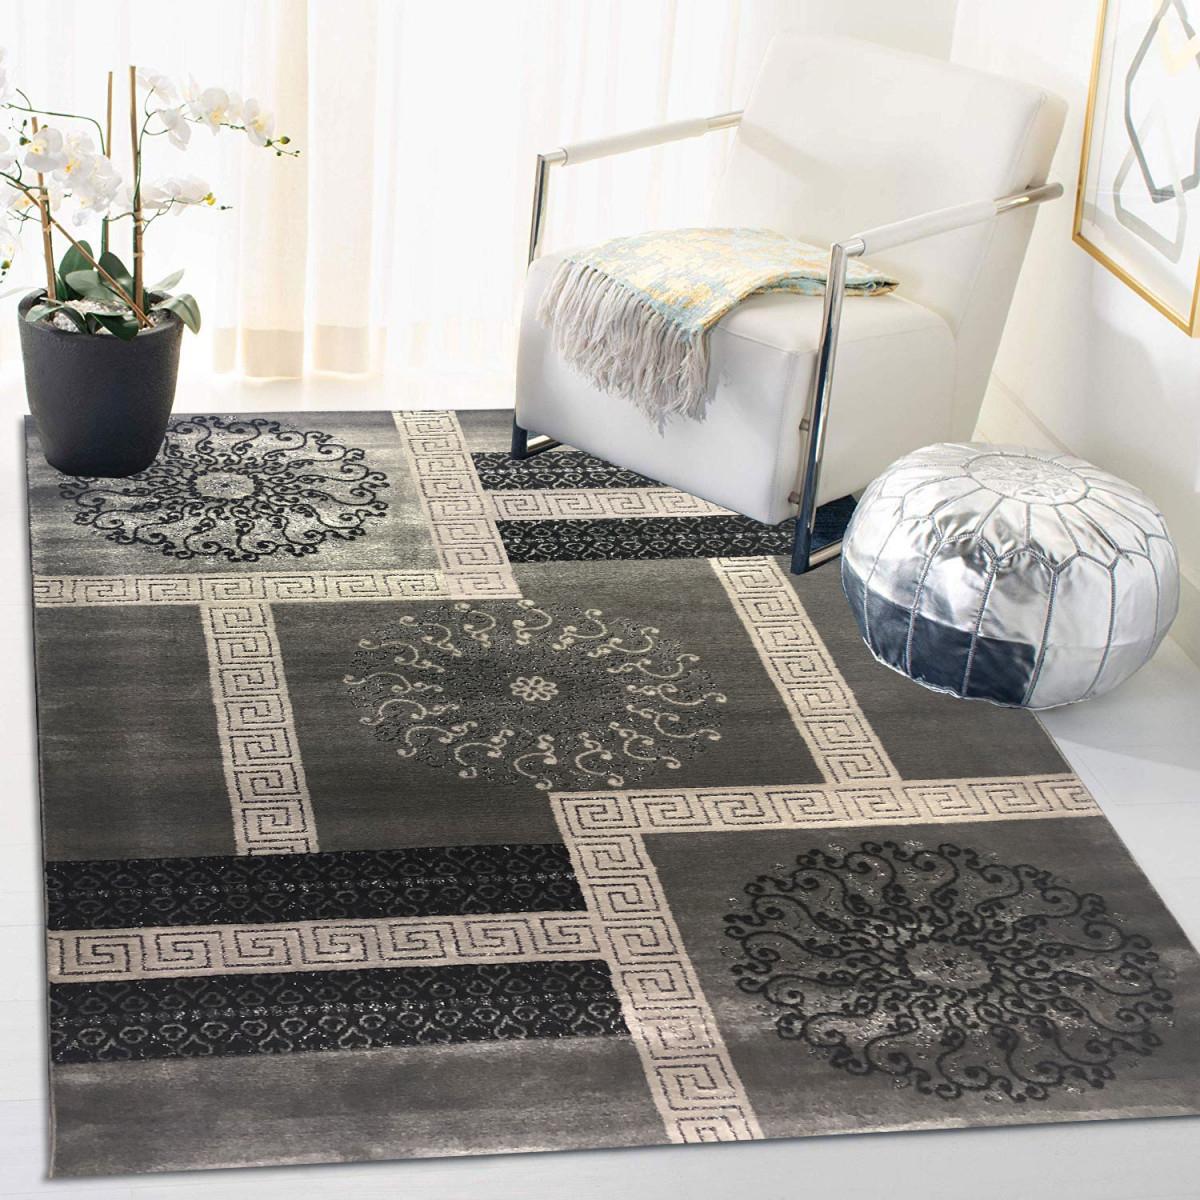 Siela Teppich Wohnzimmer Graukurzflor Teppich Grauer Küchenteppich  Teppiche Für Schlafzimmer von Grauer Teppich Wohnzimmer Bild